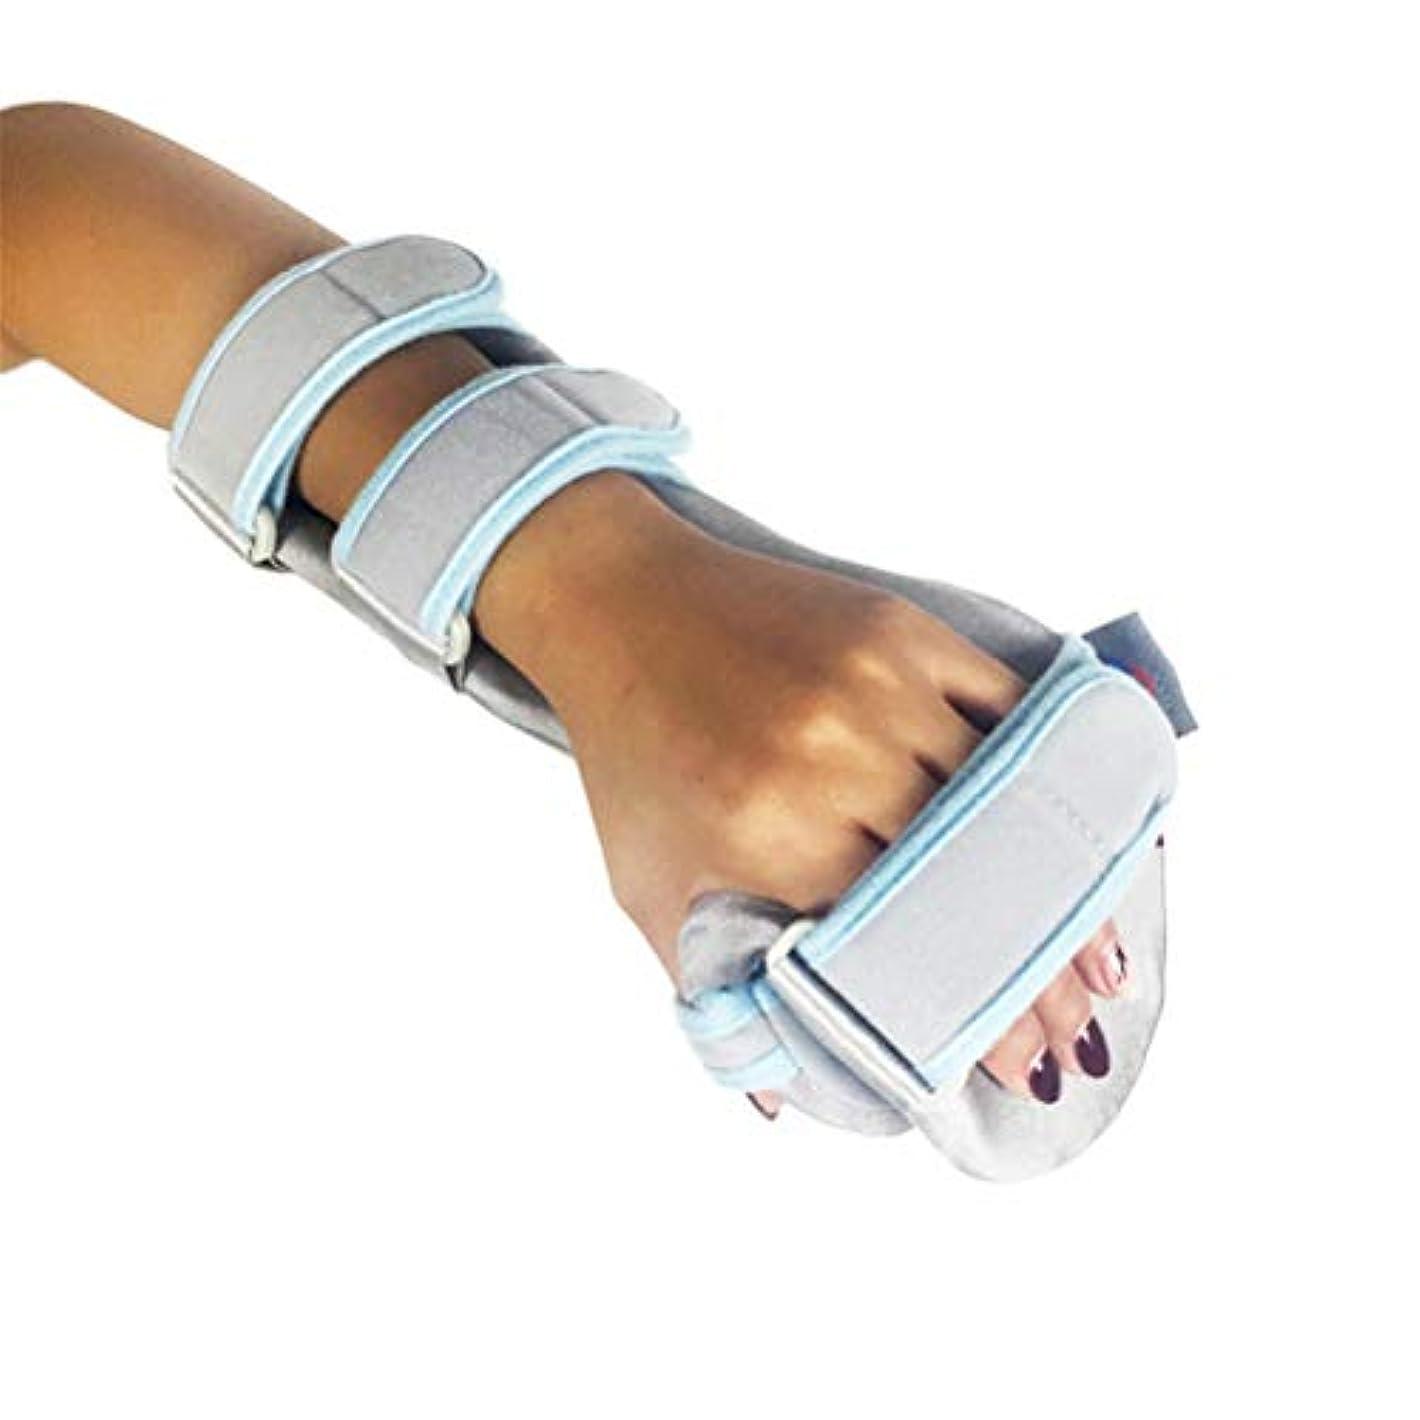 ジョットディボンドン明確なチチカカ湖HEALIFTY 指スプリントフィンガー手首骨折固定足場用腱腱炎腱炎骨折関節炎転位(右手)